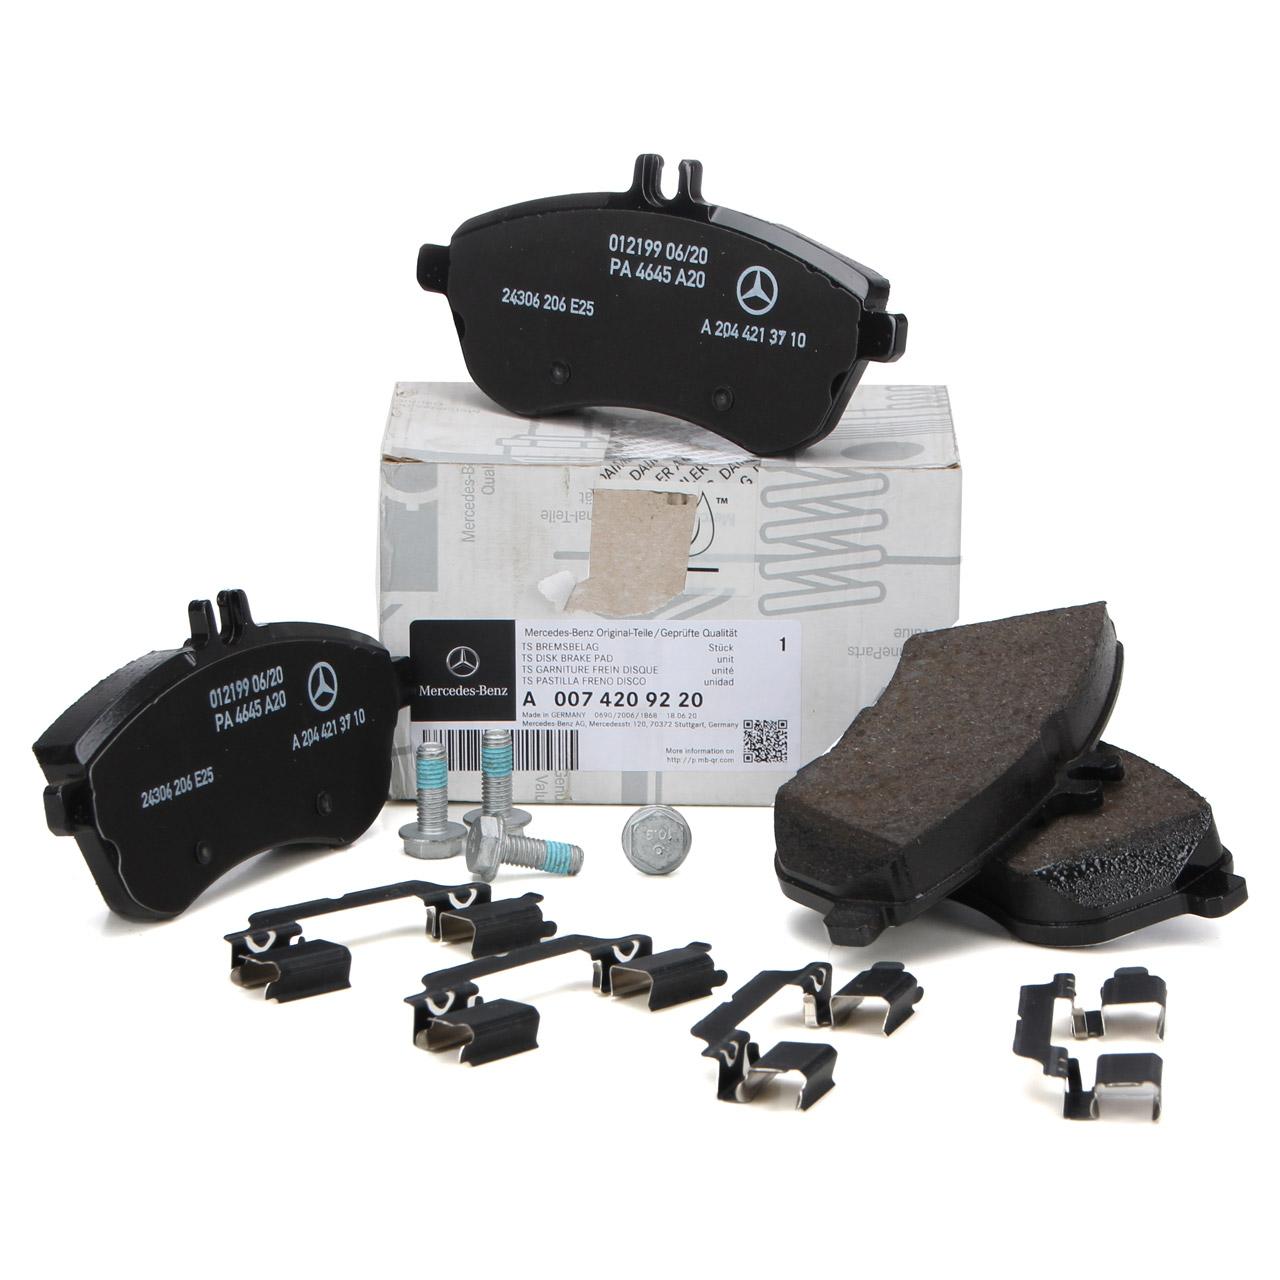 ORIGINAL Mercedes-Benz Bremsbeläge C-Klasse W204 E-Klasse W212 vorne 0074209220